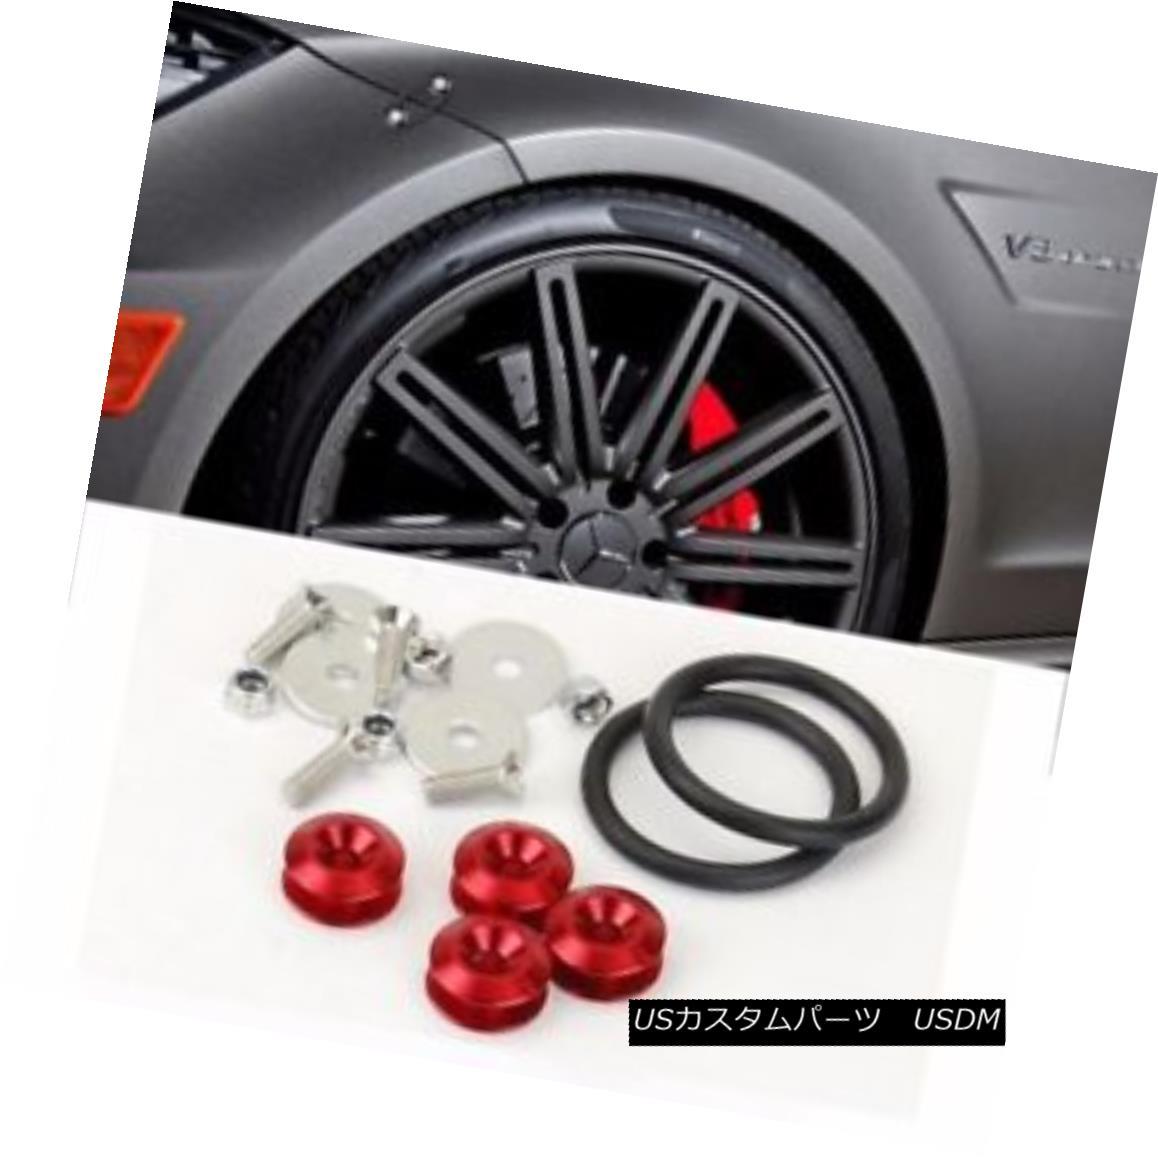 エアロパーツ Red Euro Bolt on Fast Quick Release Secure Kit For BMW Front Rear Bumper Lip 速いクイックリリースでの赤いユーロボルトBMWフロントリアバンパーリップ用の安全なキット